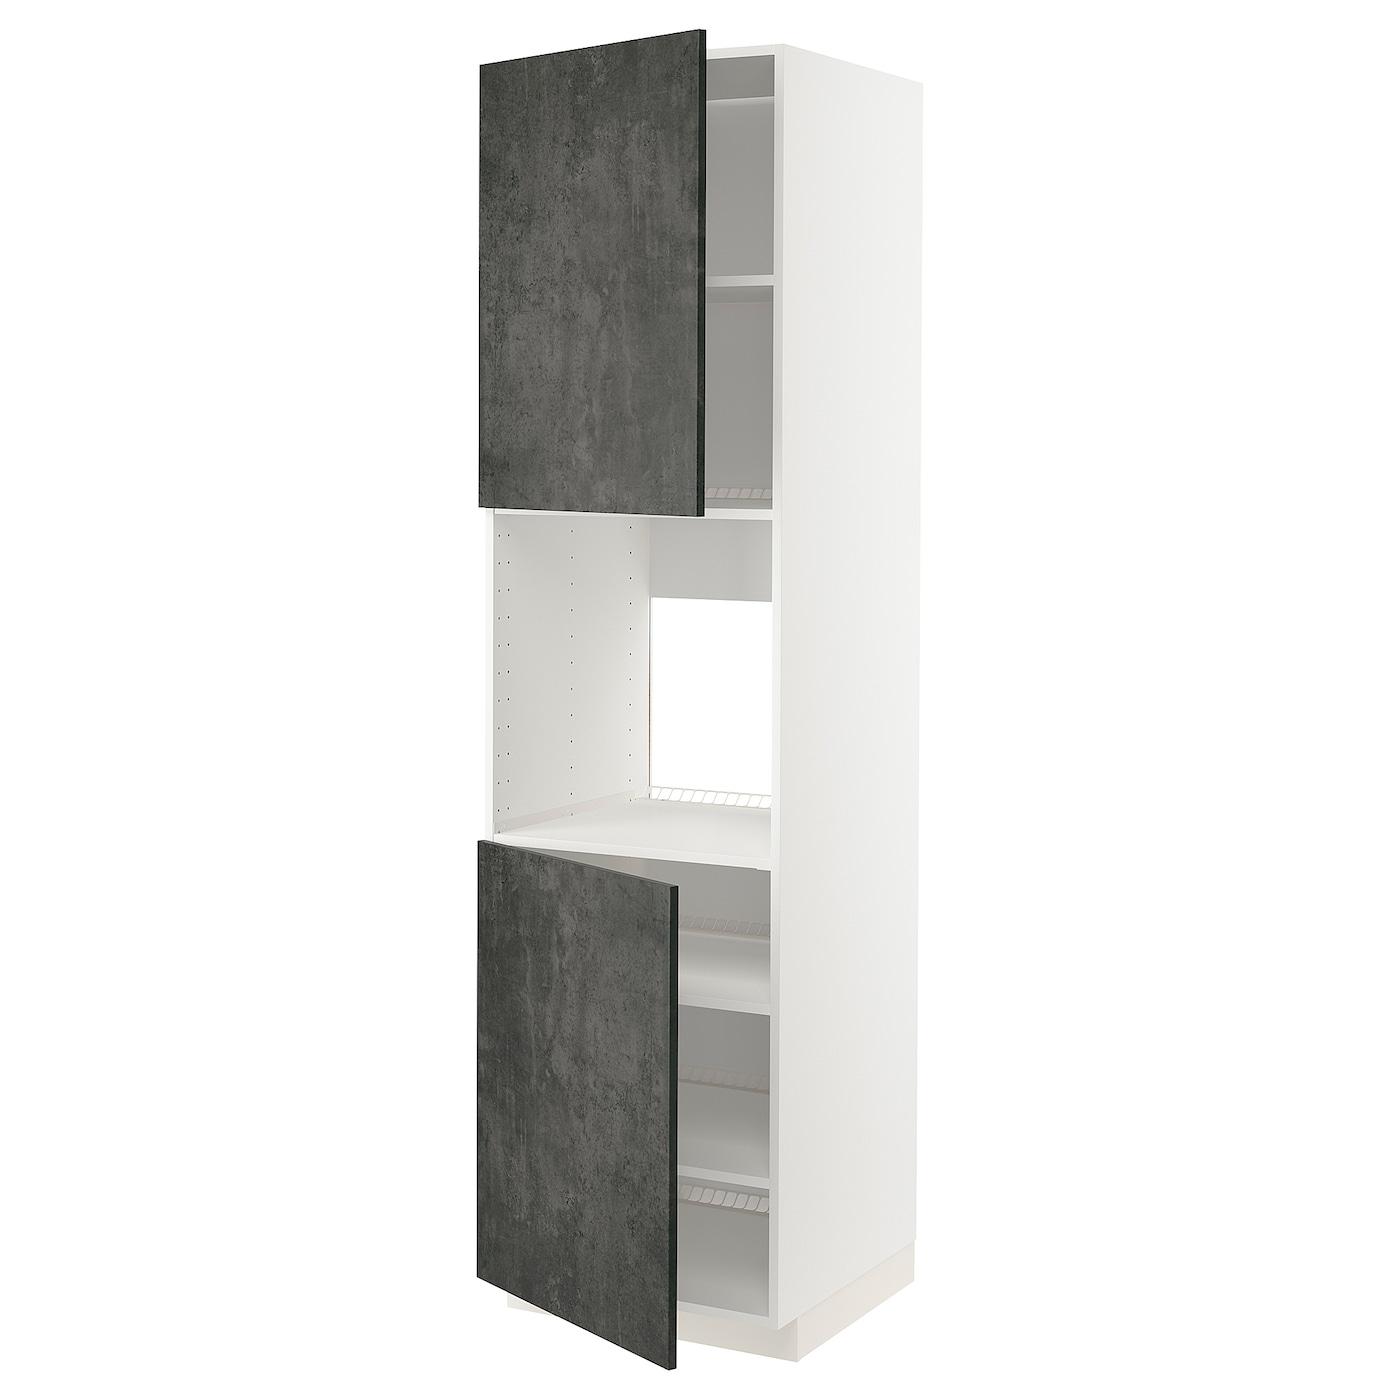 METOD Hochschr. f Ofen+2 Türen/Böden